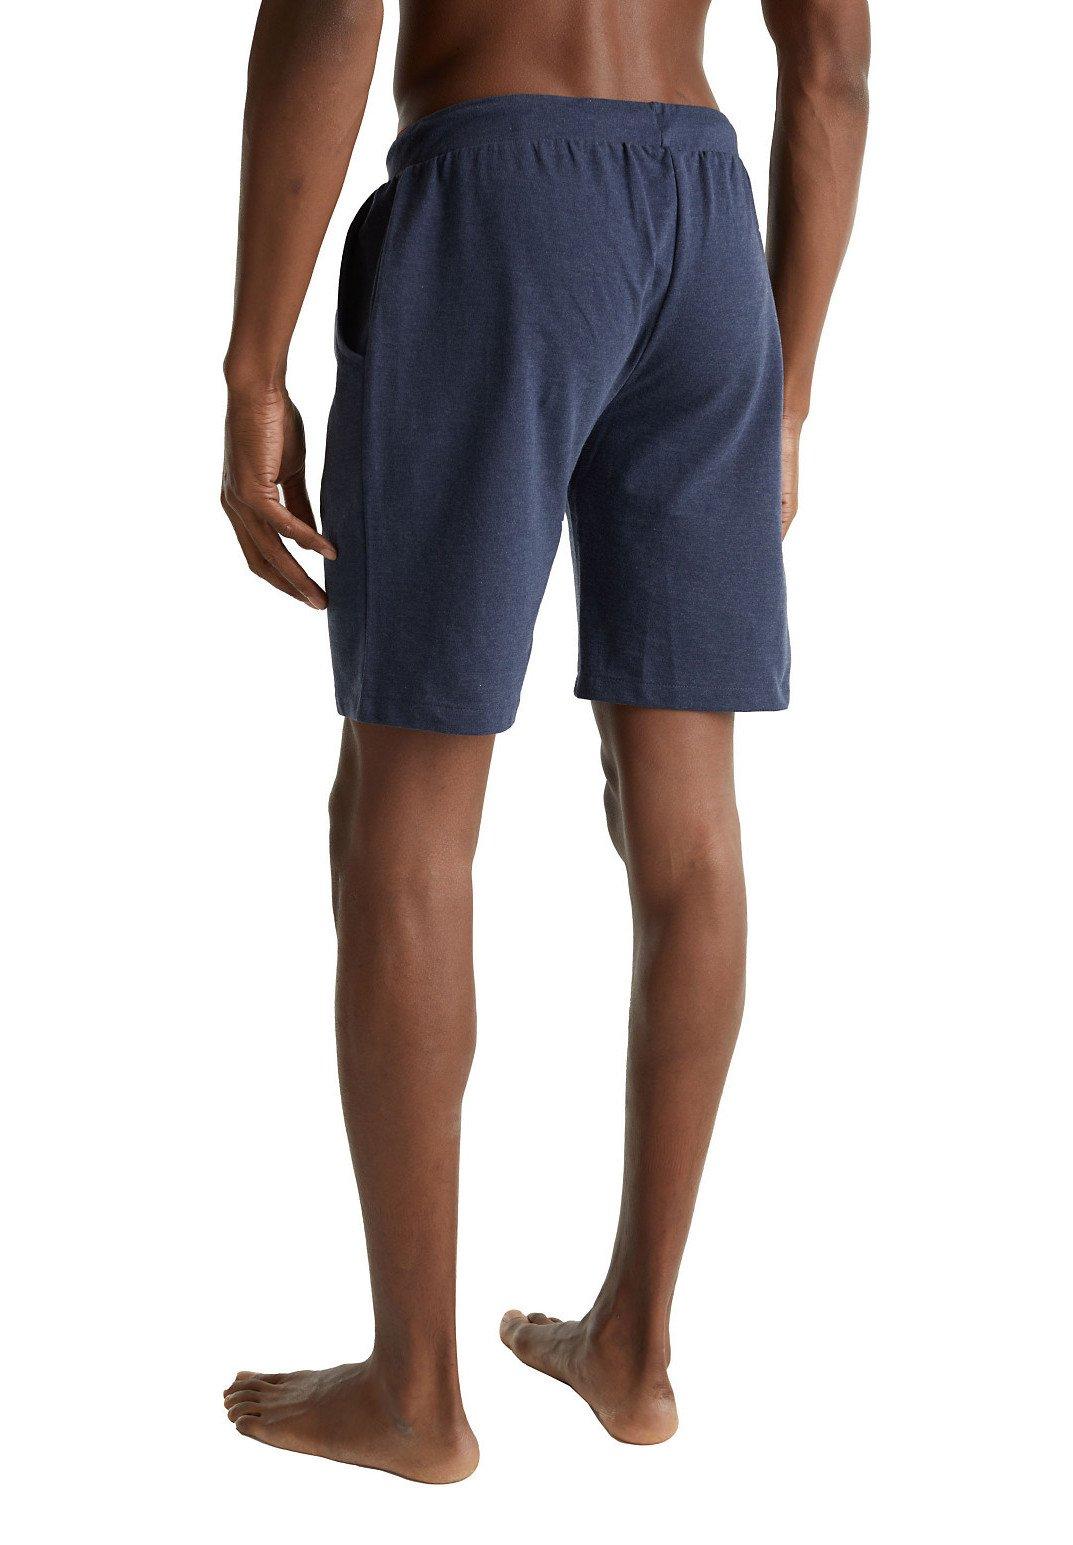 Esprit Pyjamabroek - Navy